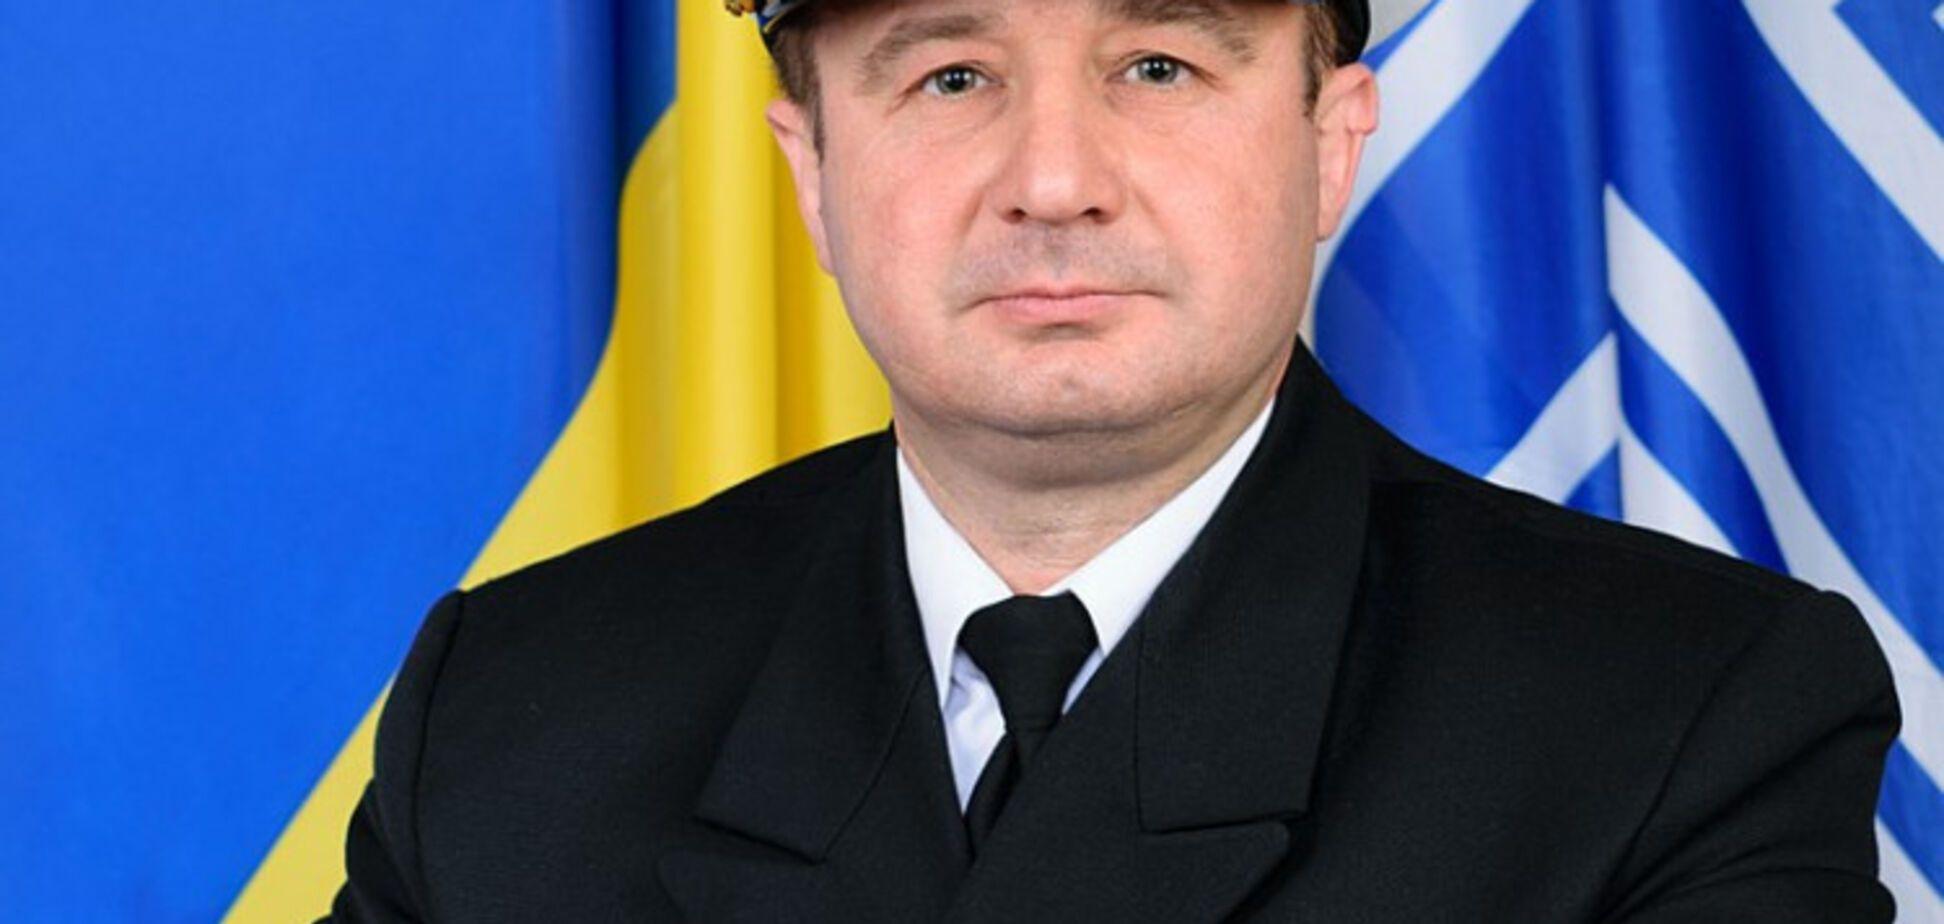 За зв'язок із Росією: начальника штабу ВМС усунули з посади